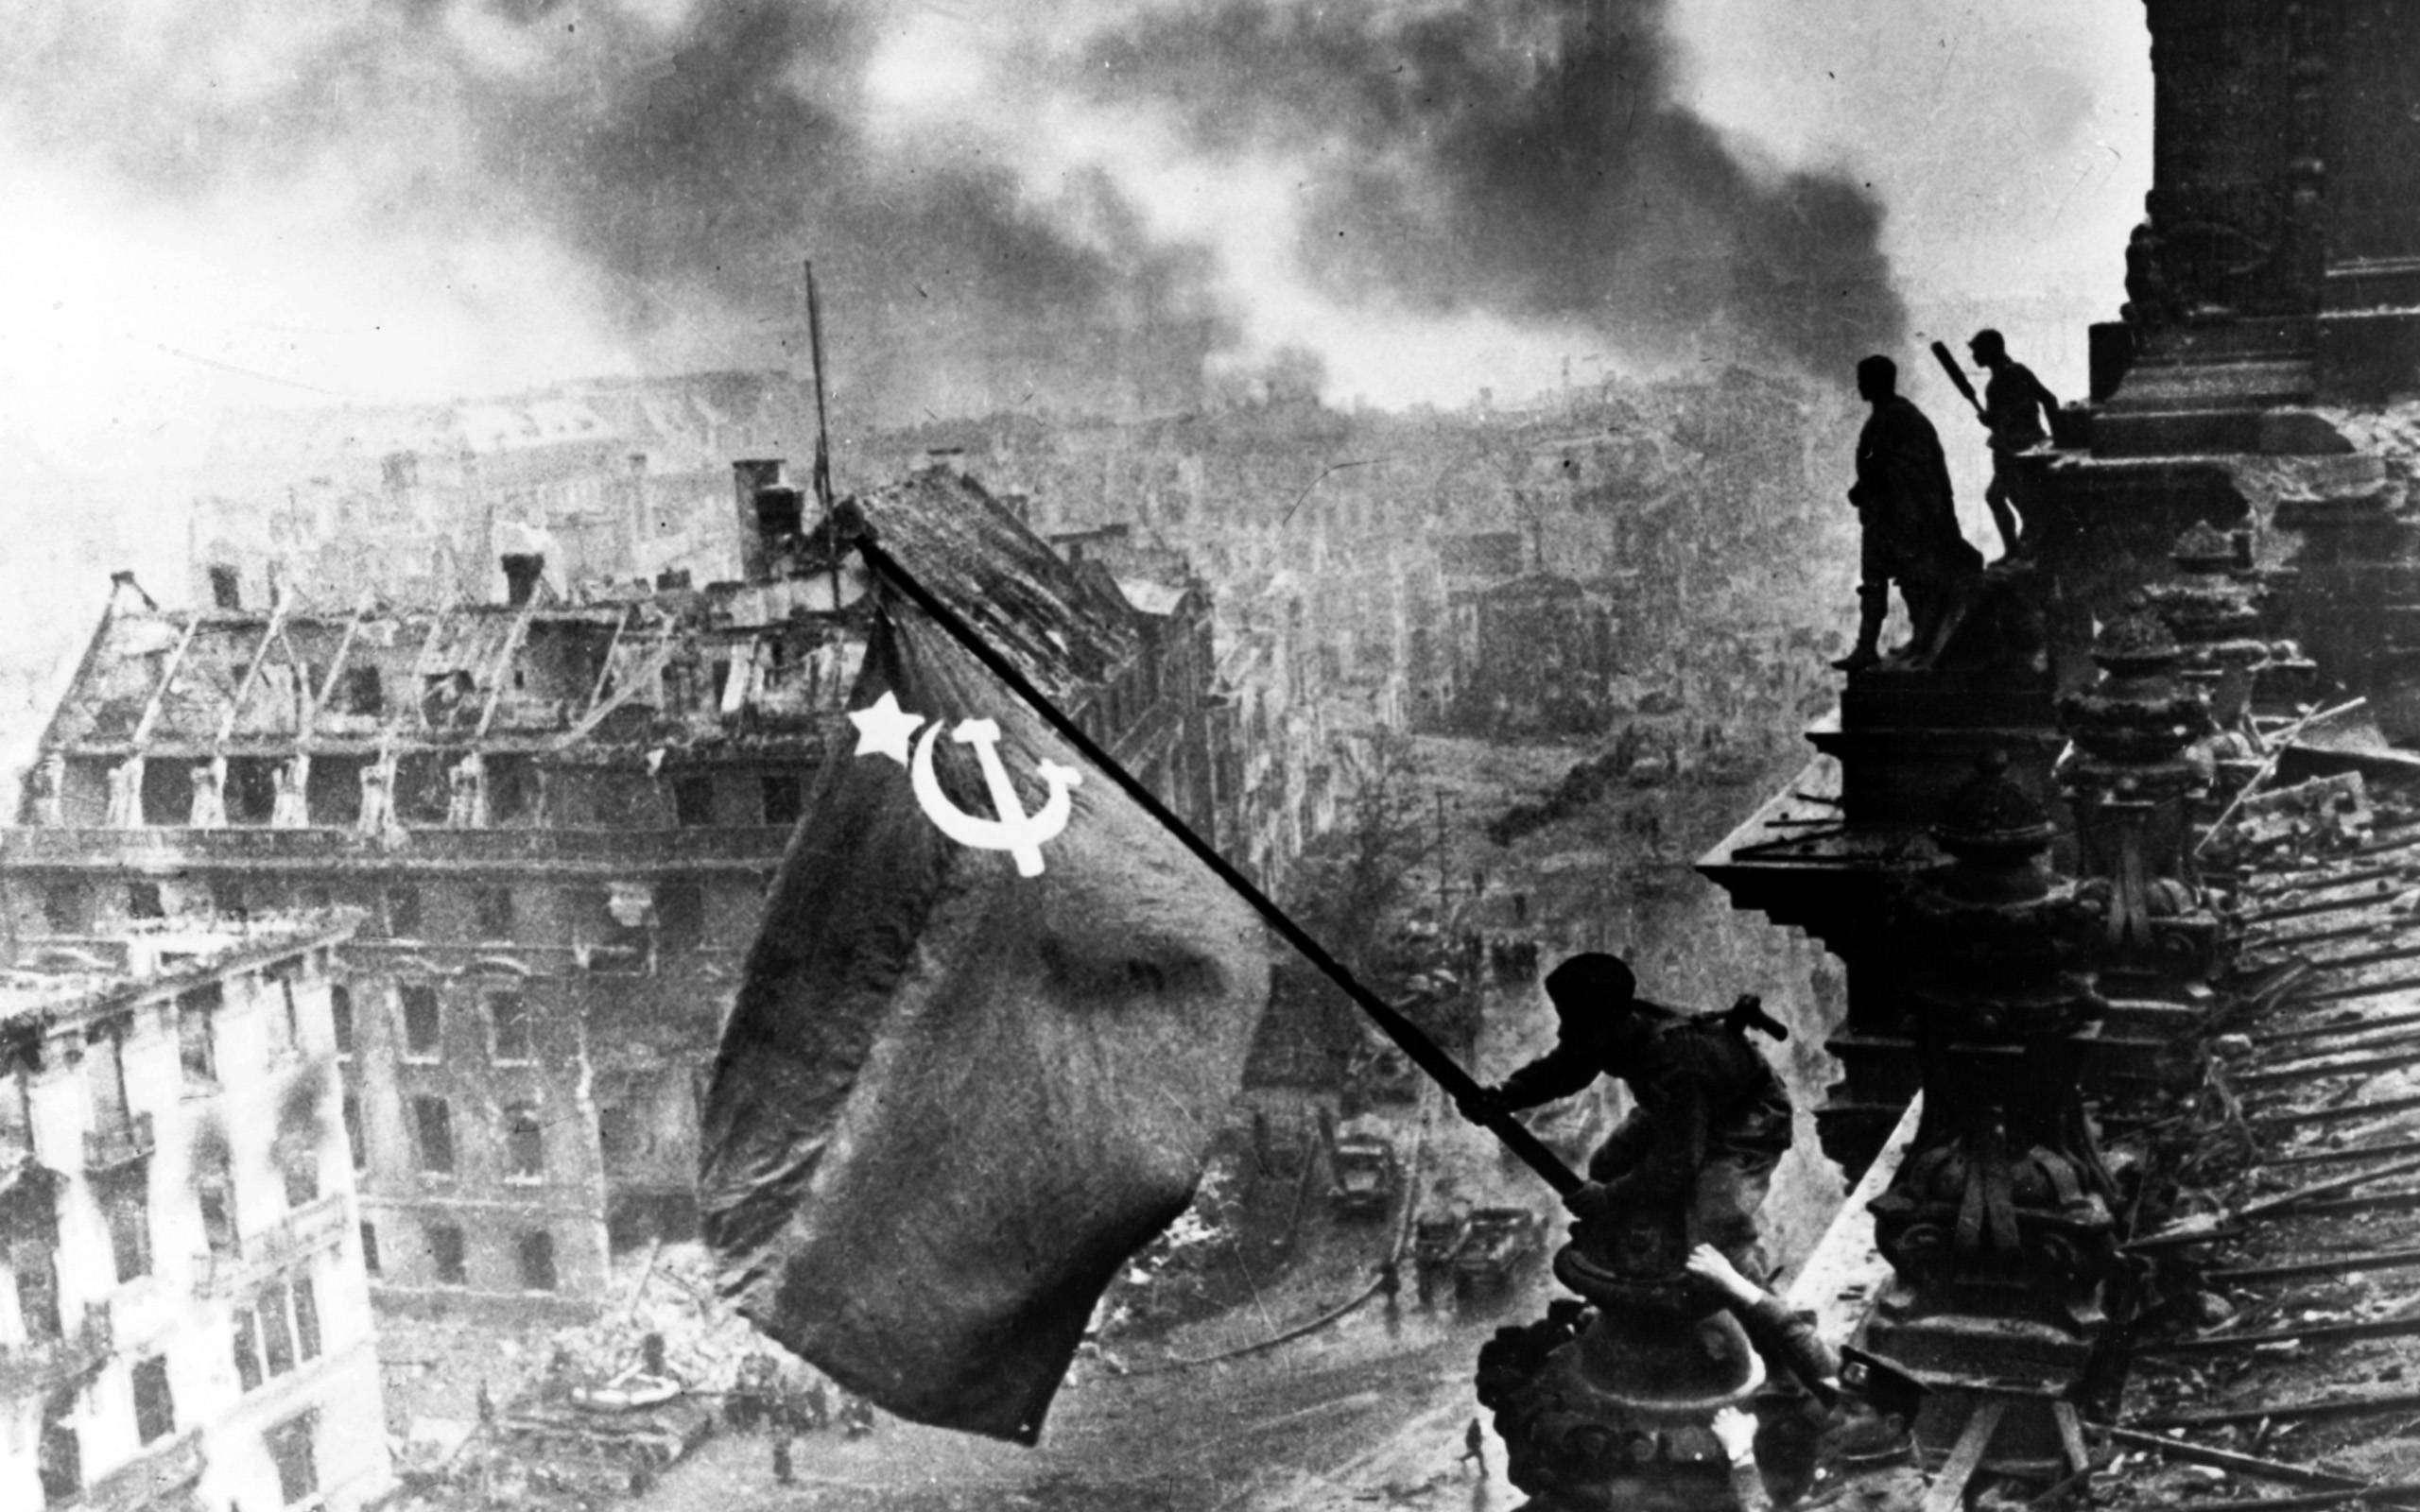 Wallpaper de la guerra